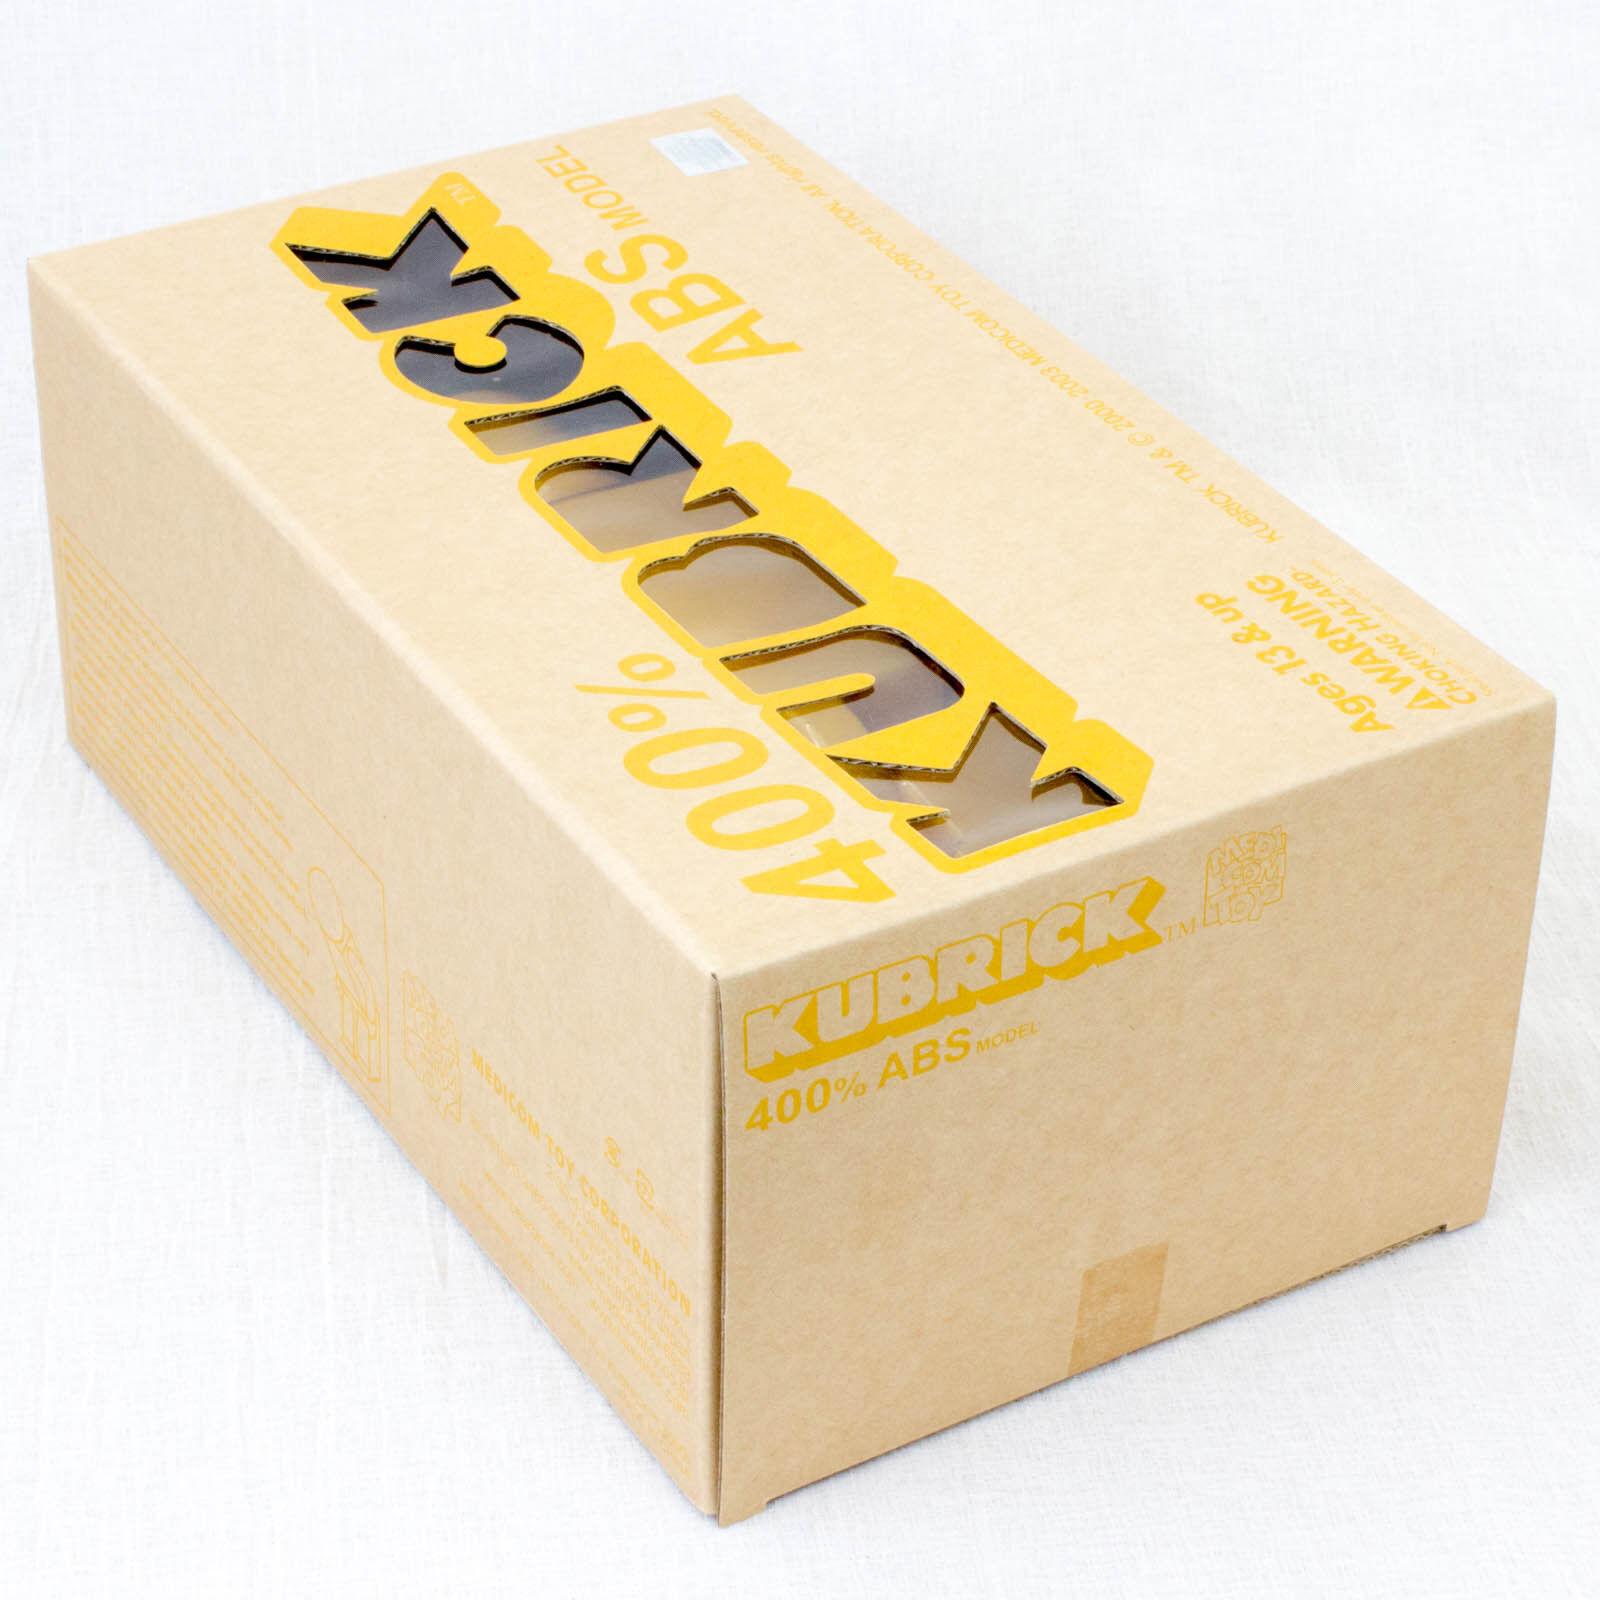 Kubrick 400% ABS ABS ABS Juguete Figura Amarillo Modelo Medicom Japón 7afecb